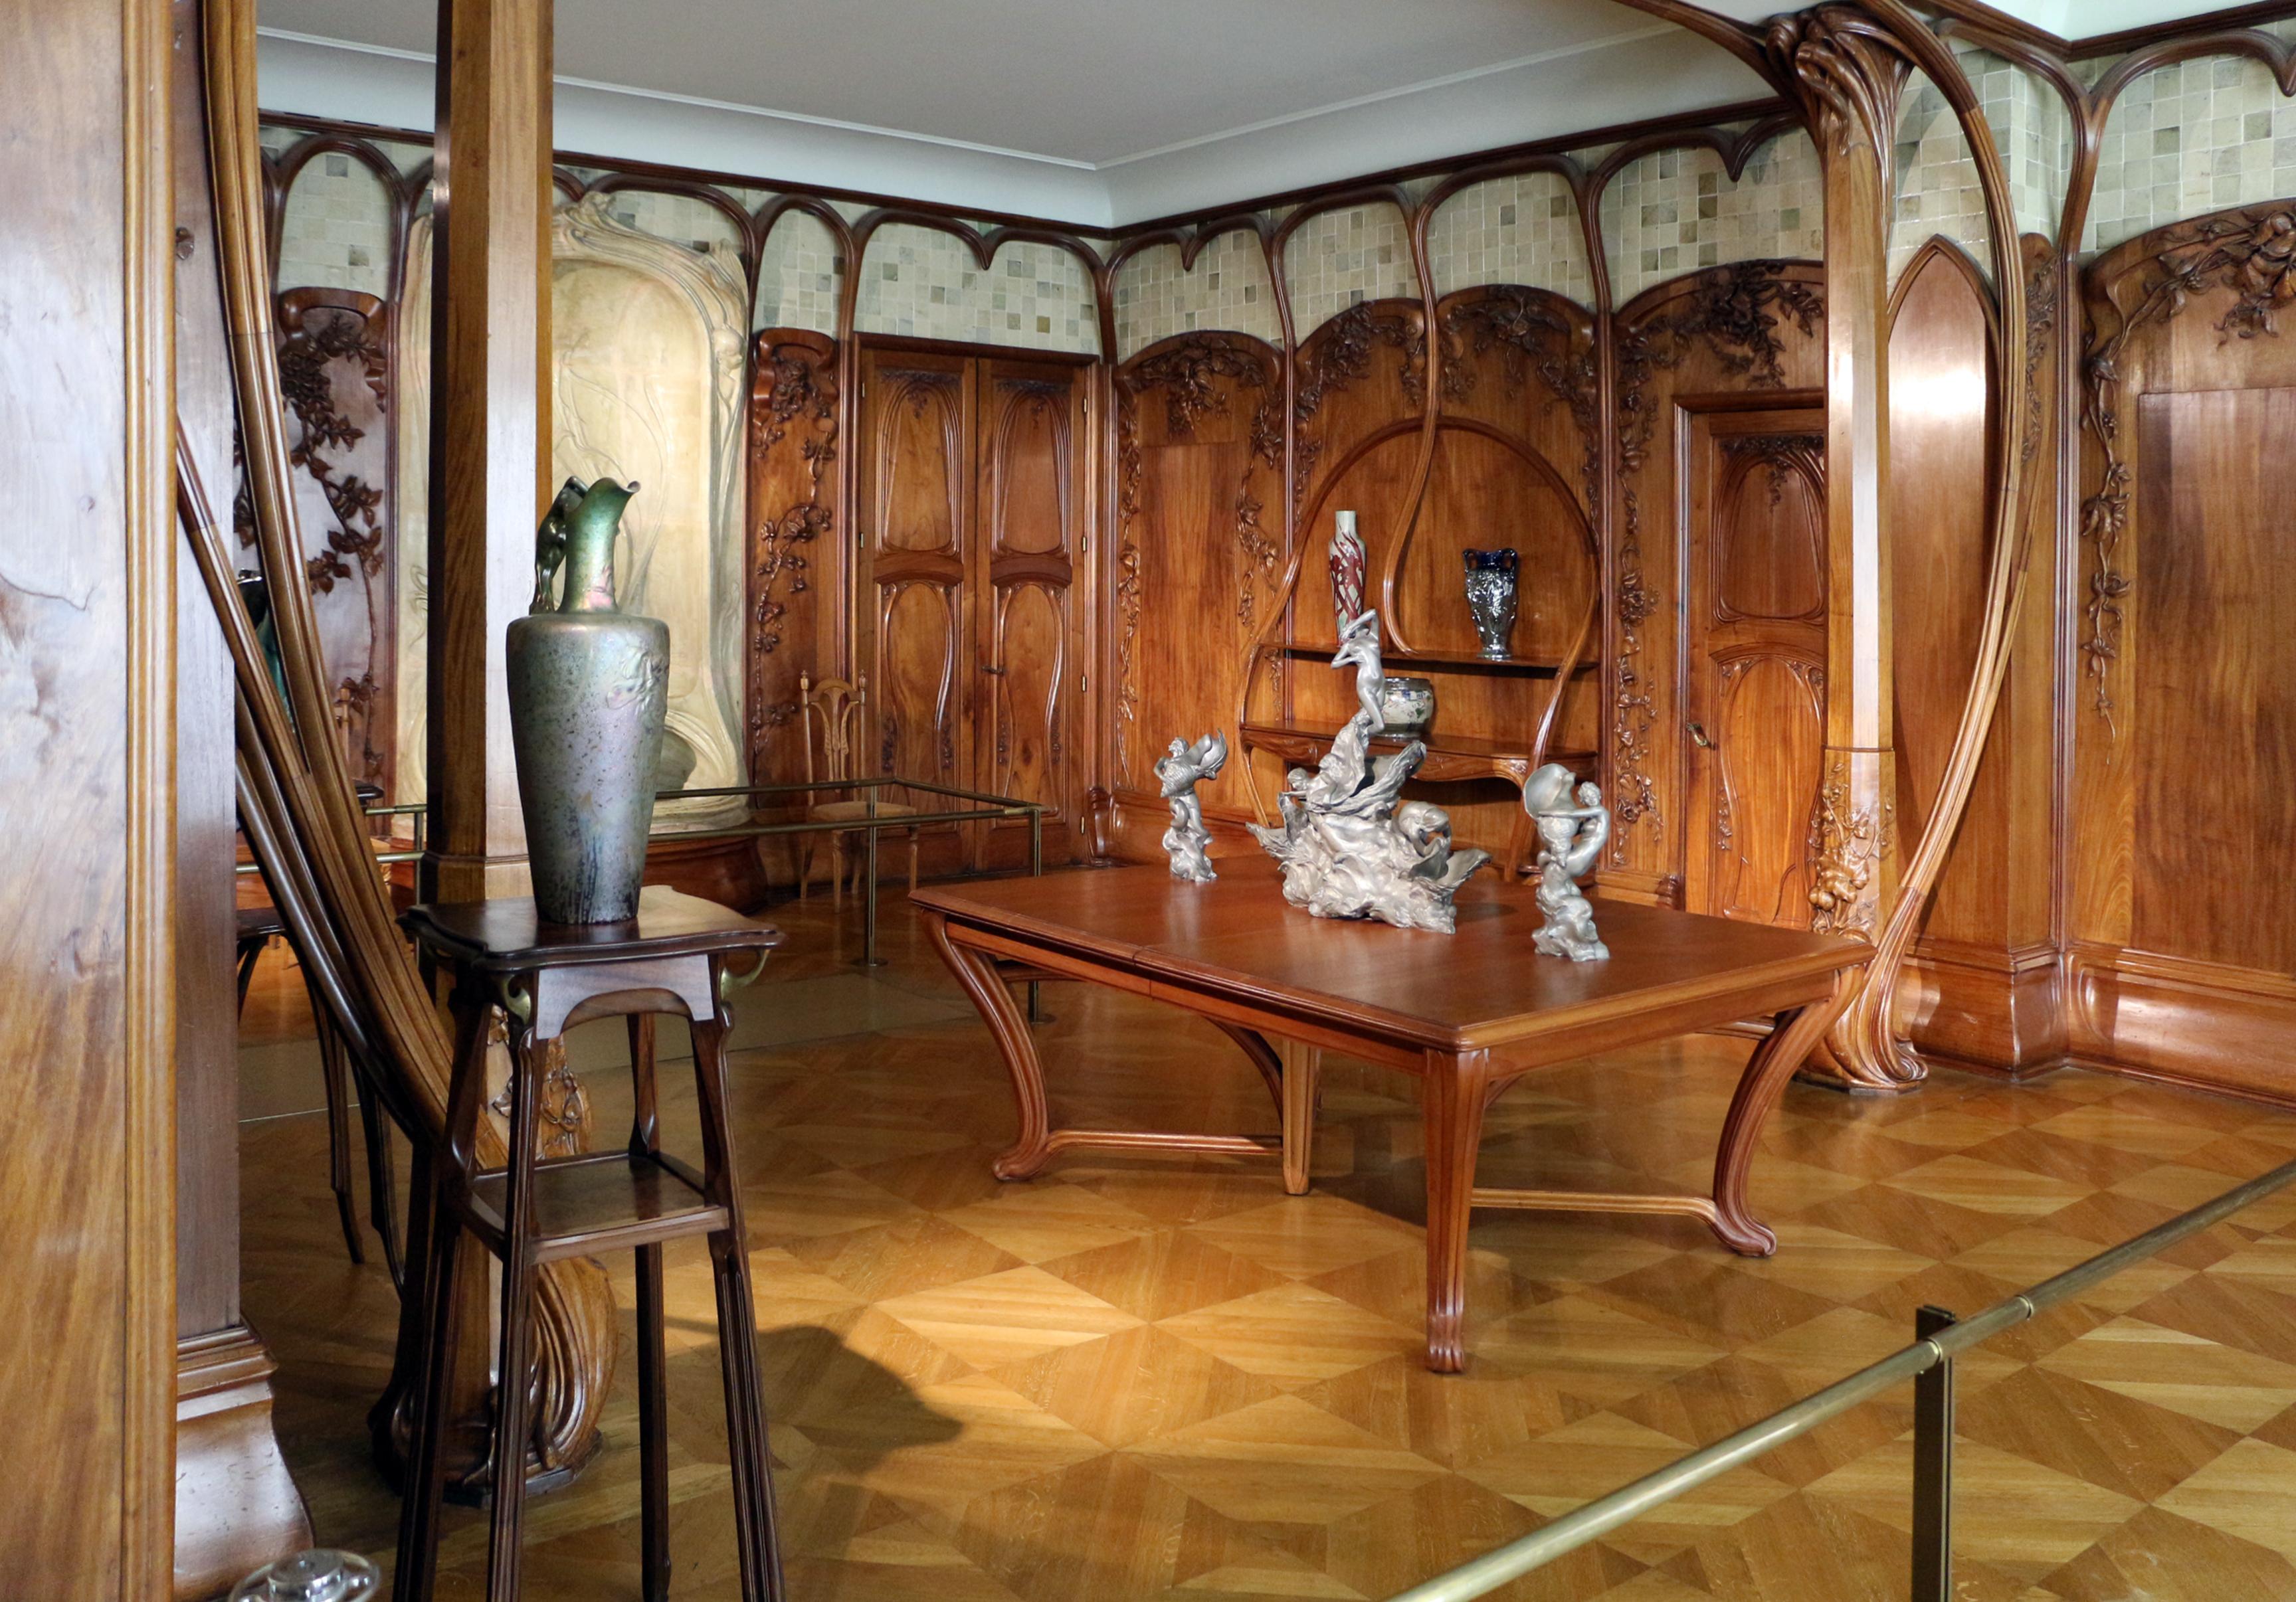 File:Alexandre charpentier, boiserie della sala da pranzo della villa del banchiere adrien ...